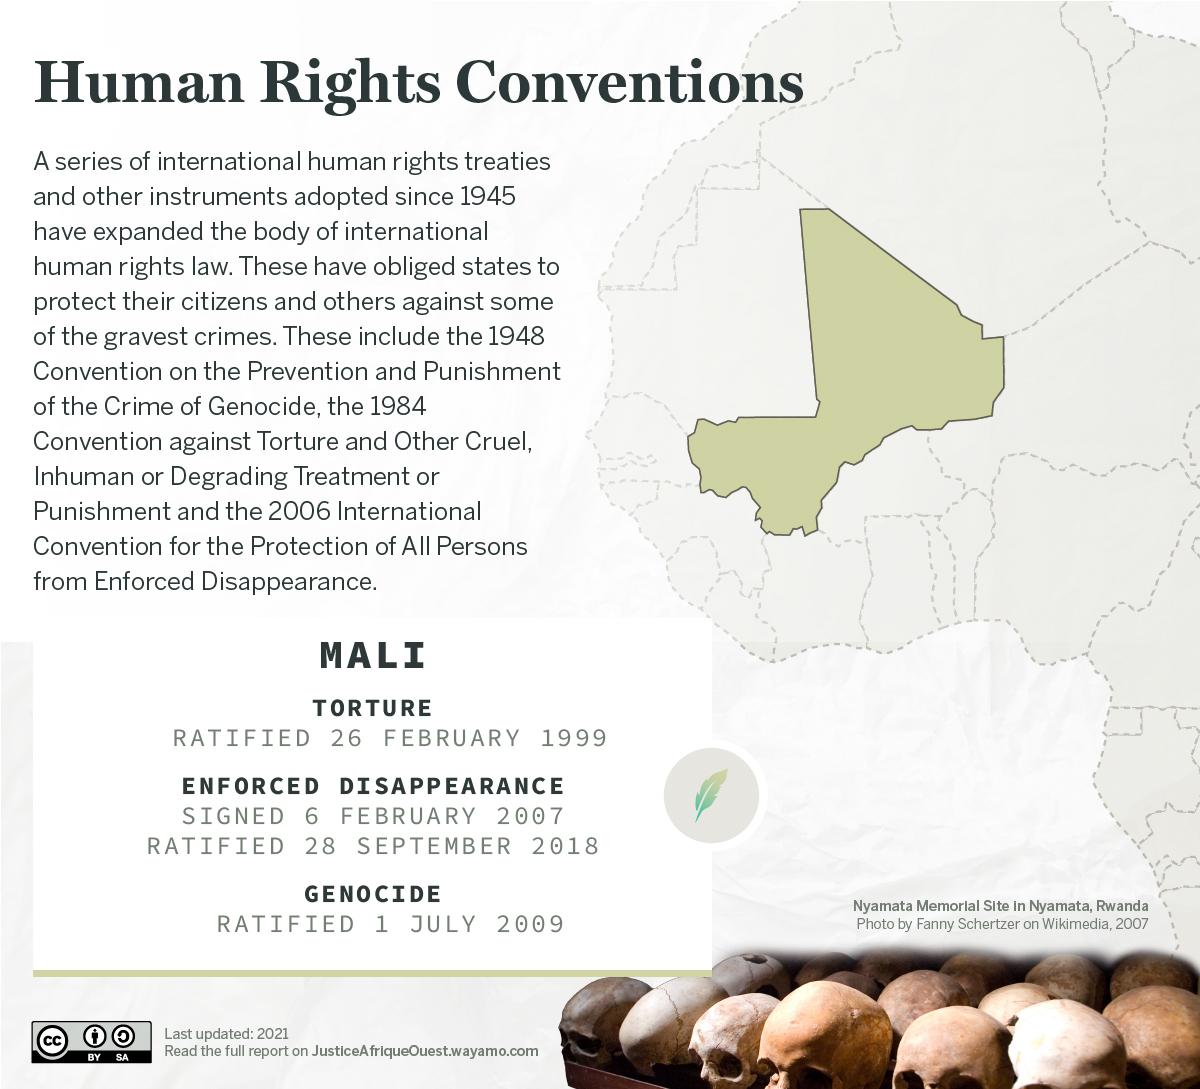 __MALI_Human Rights Conventions_1 - Wayamo Foundation (CC BY-SA 4.0)